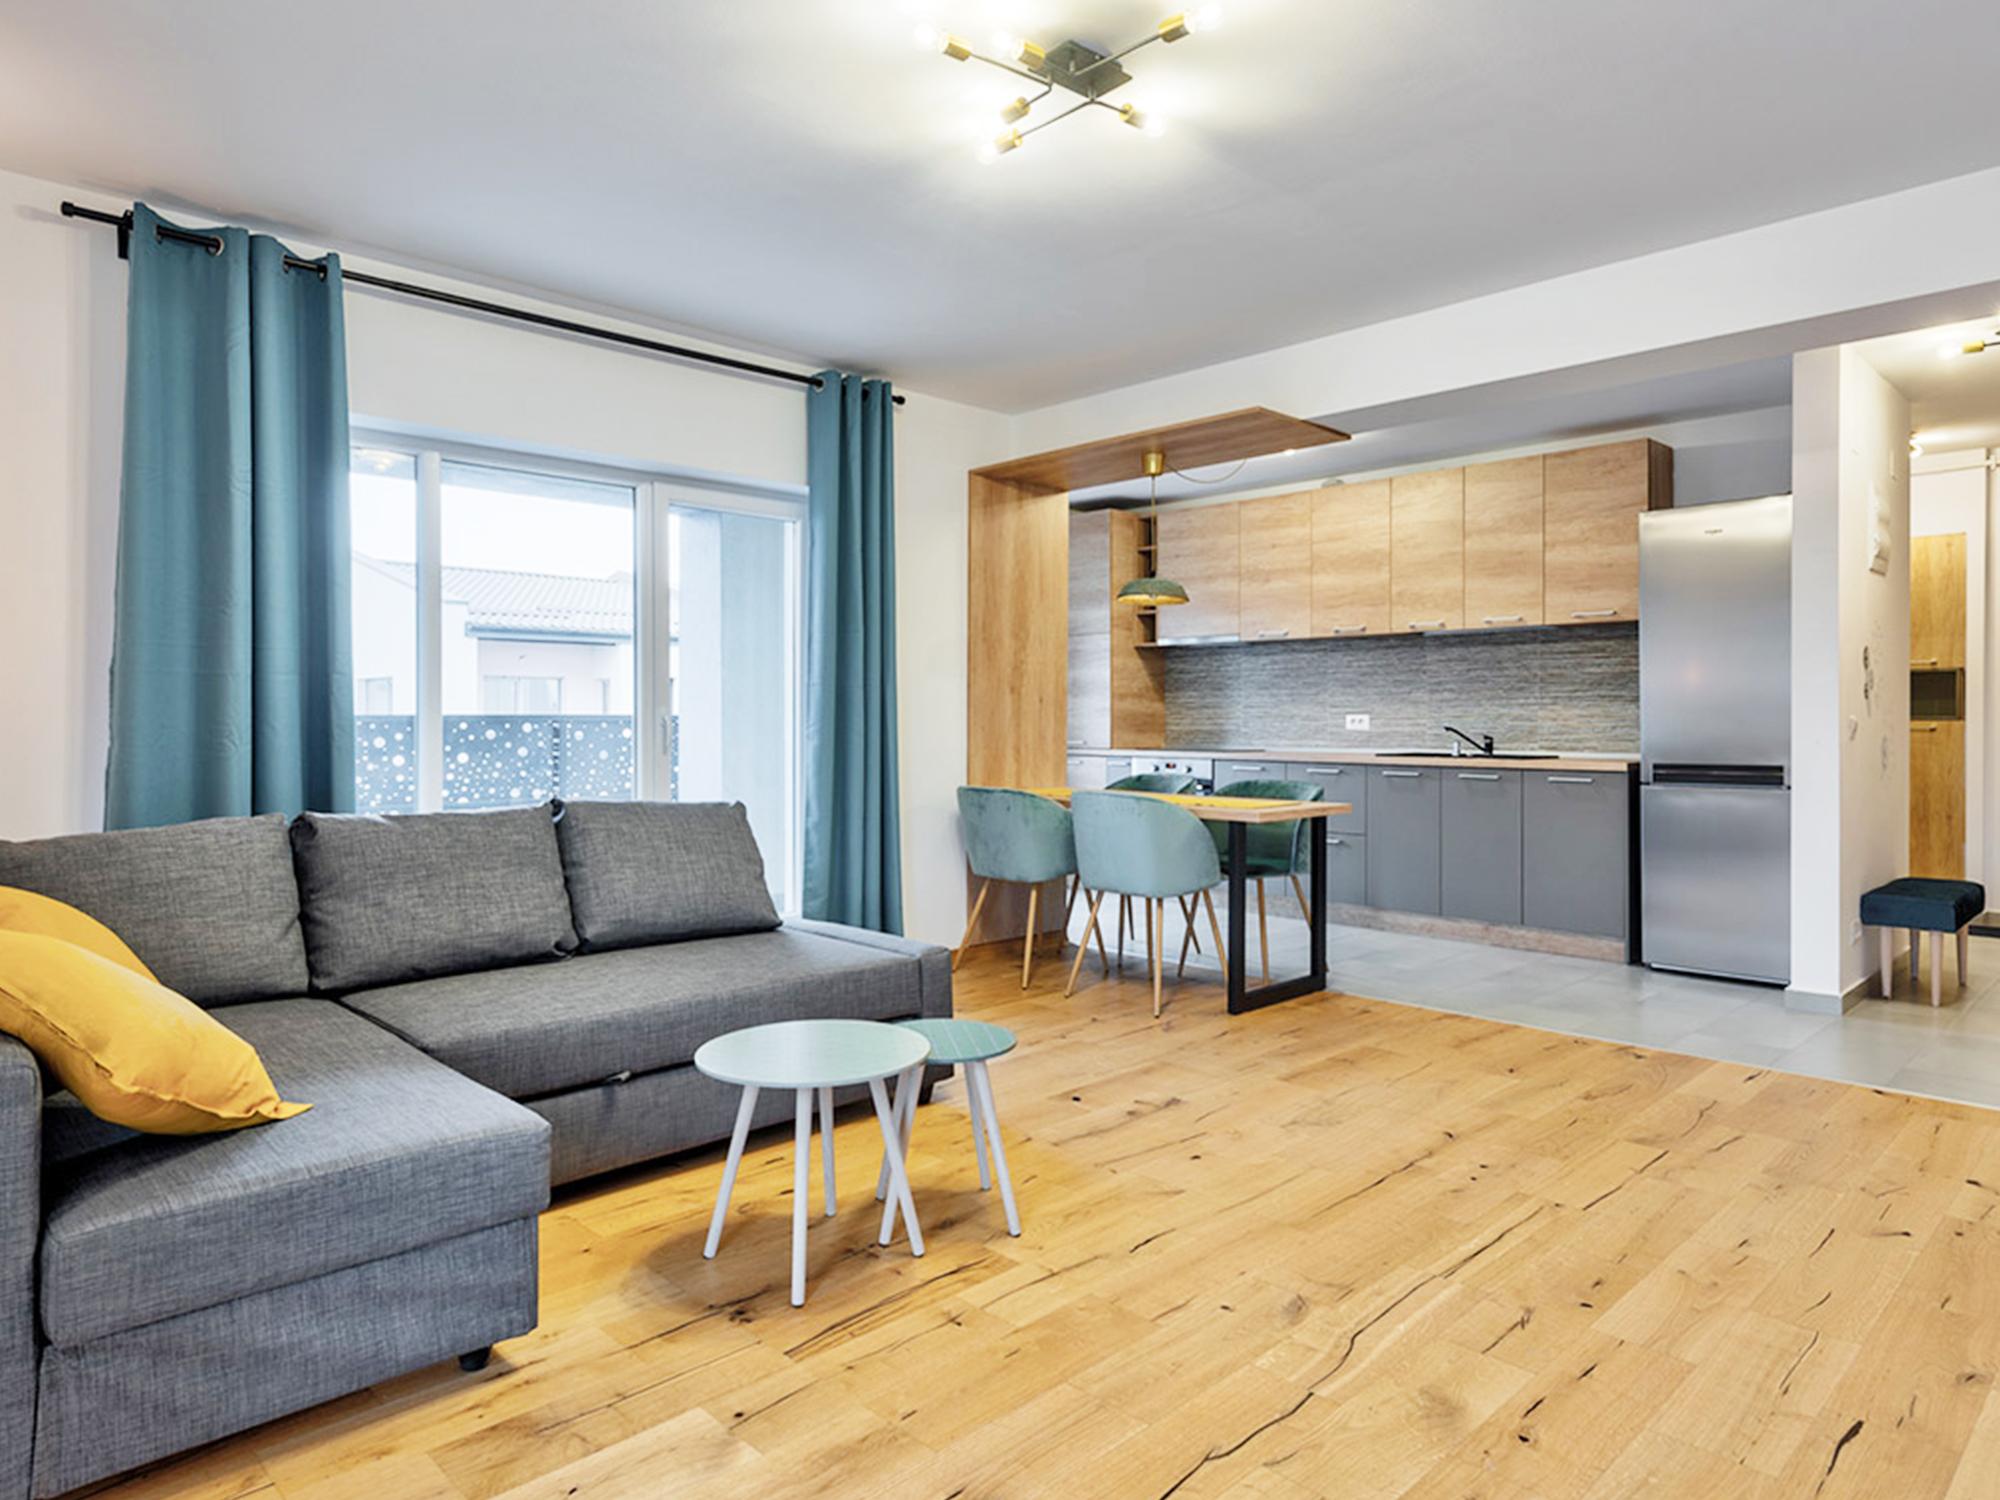 Apartamente-Faza-2-LaRa-Condominium-8